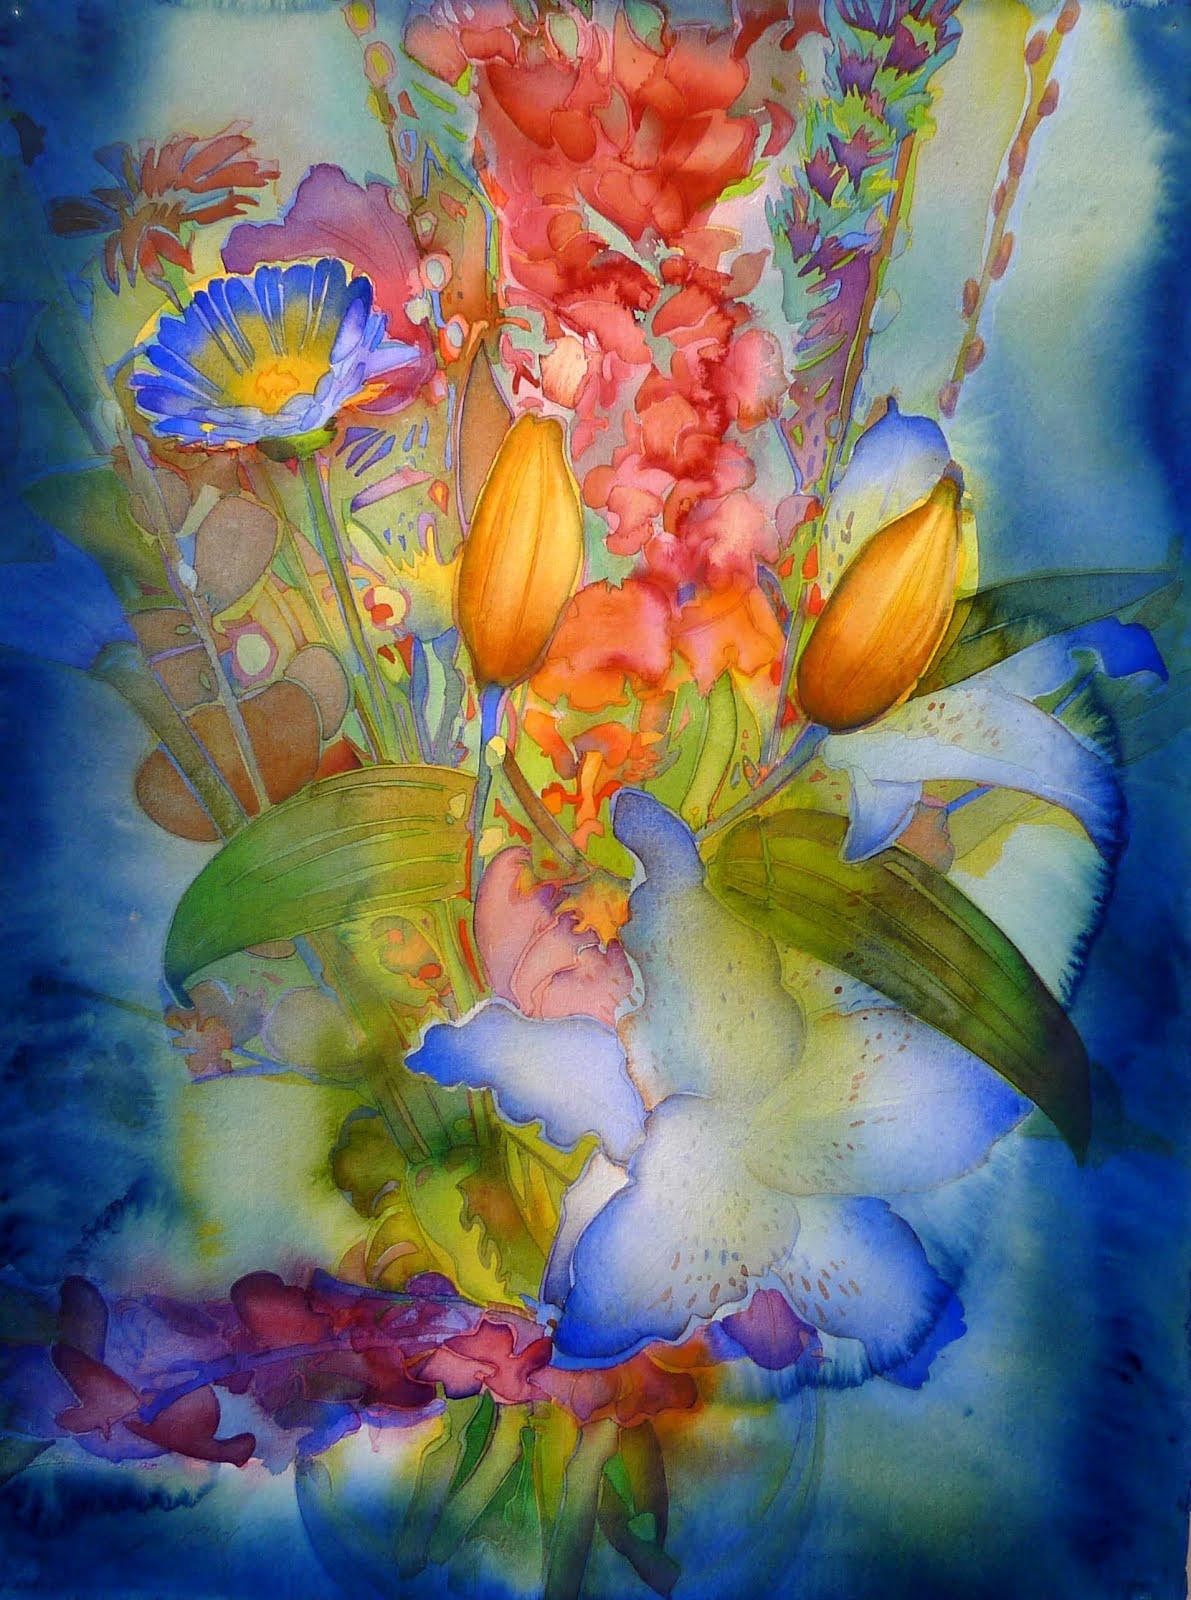 http://3.bp.blogspot.com/-NedxxtIYsSY/T04vC407uII/AAAAAAAAJ1s/5Pb1gcE_nDQ/s1600/bouquet.jpg